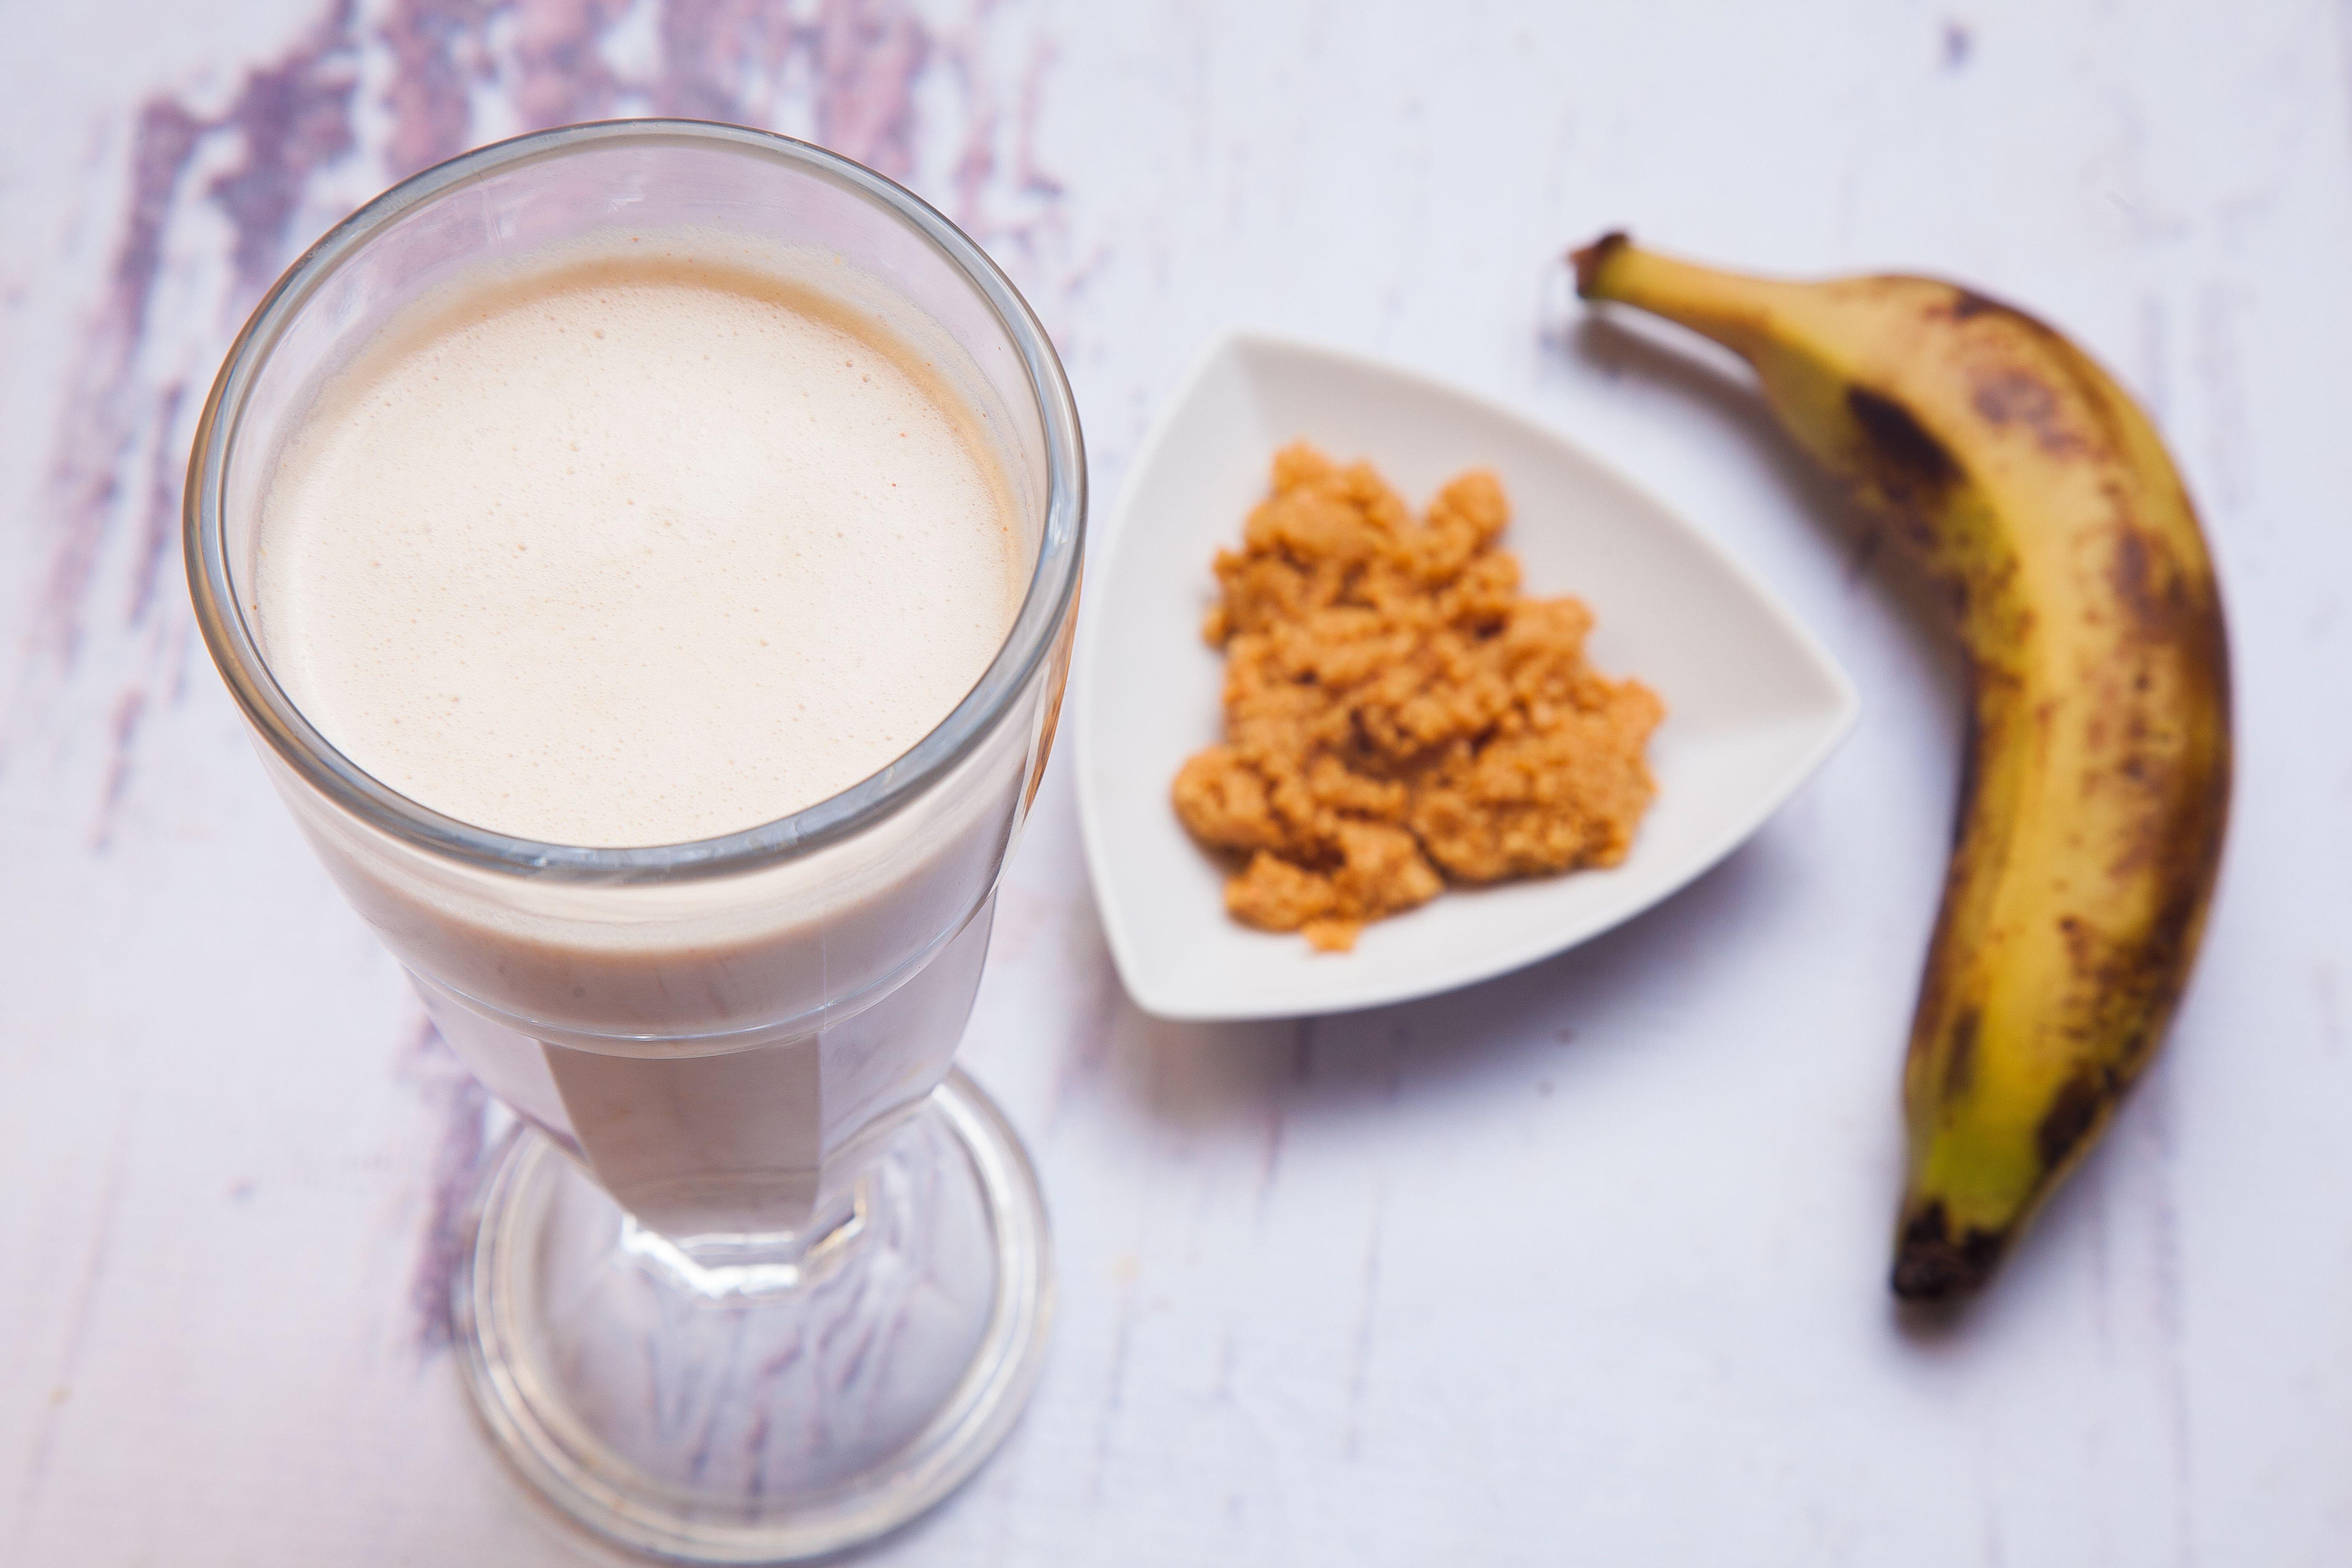 سموثي الموز بزبدة الفول السوداني بقيمة غذائية عالية وطعم اكتر من رائع مع الدكتورة رحاب عبد المجيد أخصائية التغذية Cooking Recipes Food Cooking